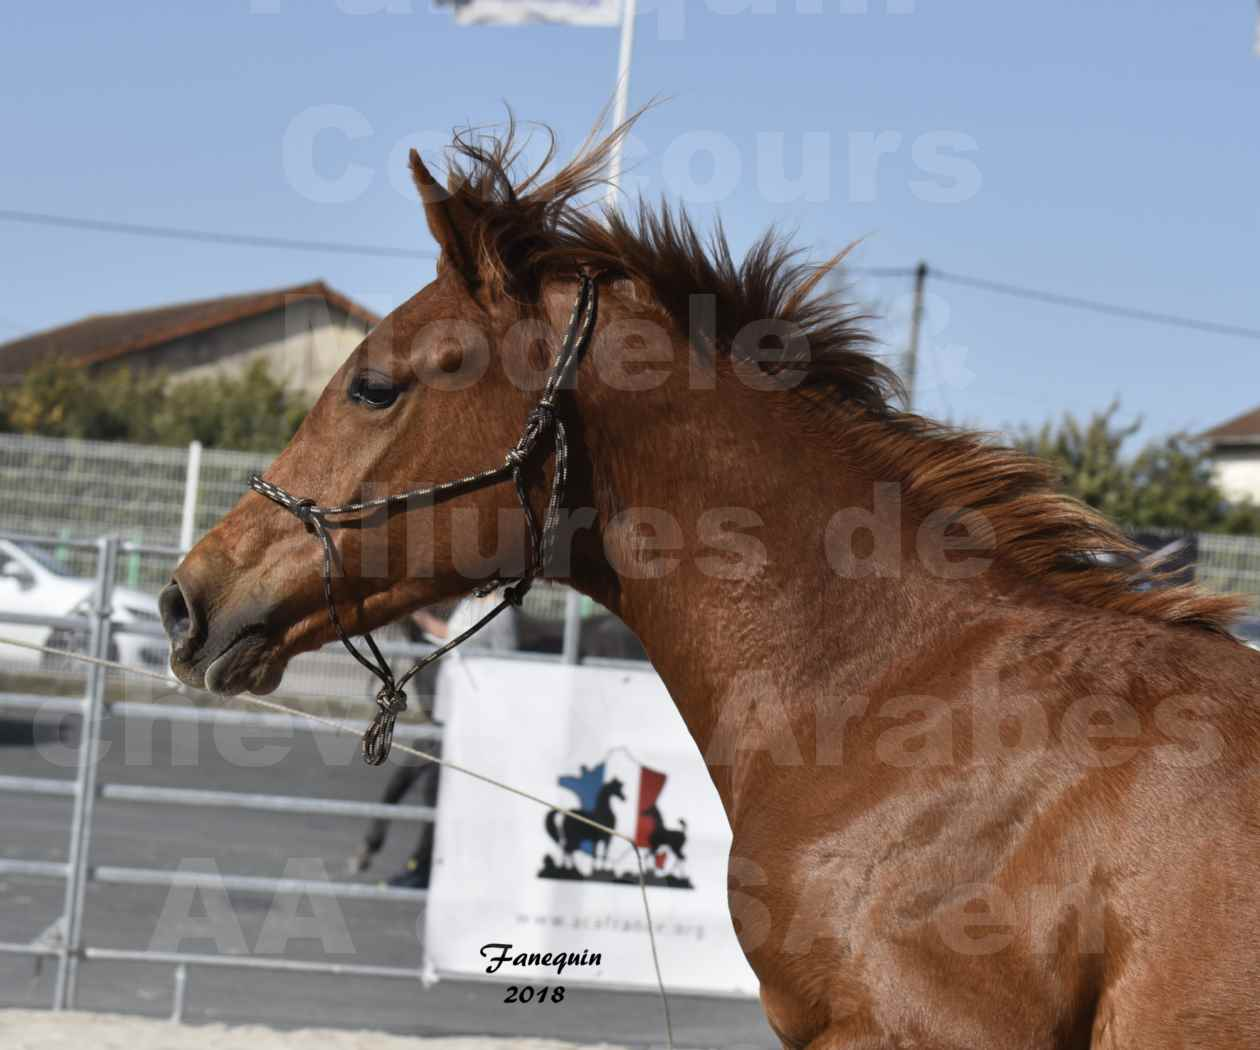 Concours d'élevage de Chevaux Arabes - Demi Sang Arabes - Anglo Arabes - ALBI les 6 & 7 Avril 2018 - GRIOU DU GRIOU - Notre Sélection - Portraits - 1